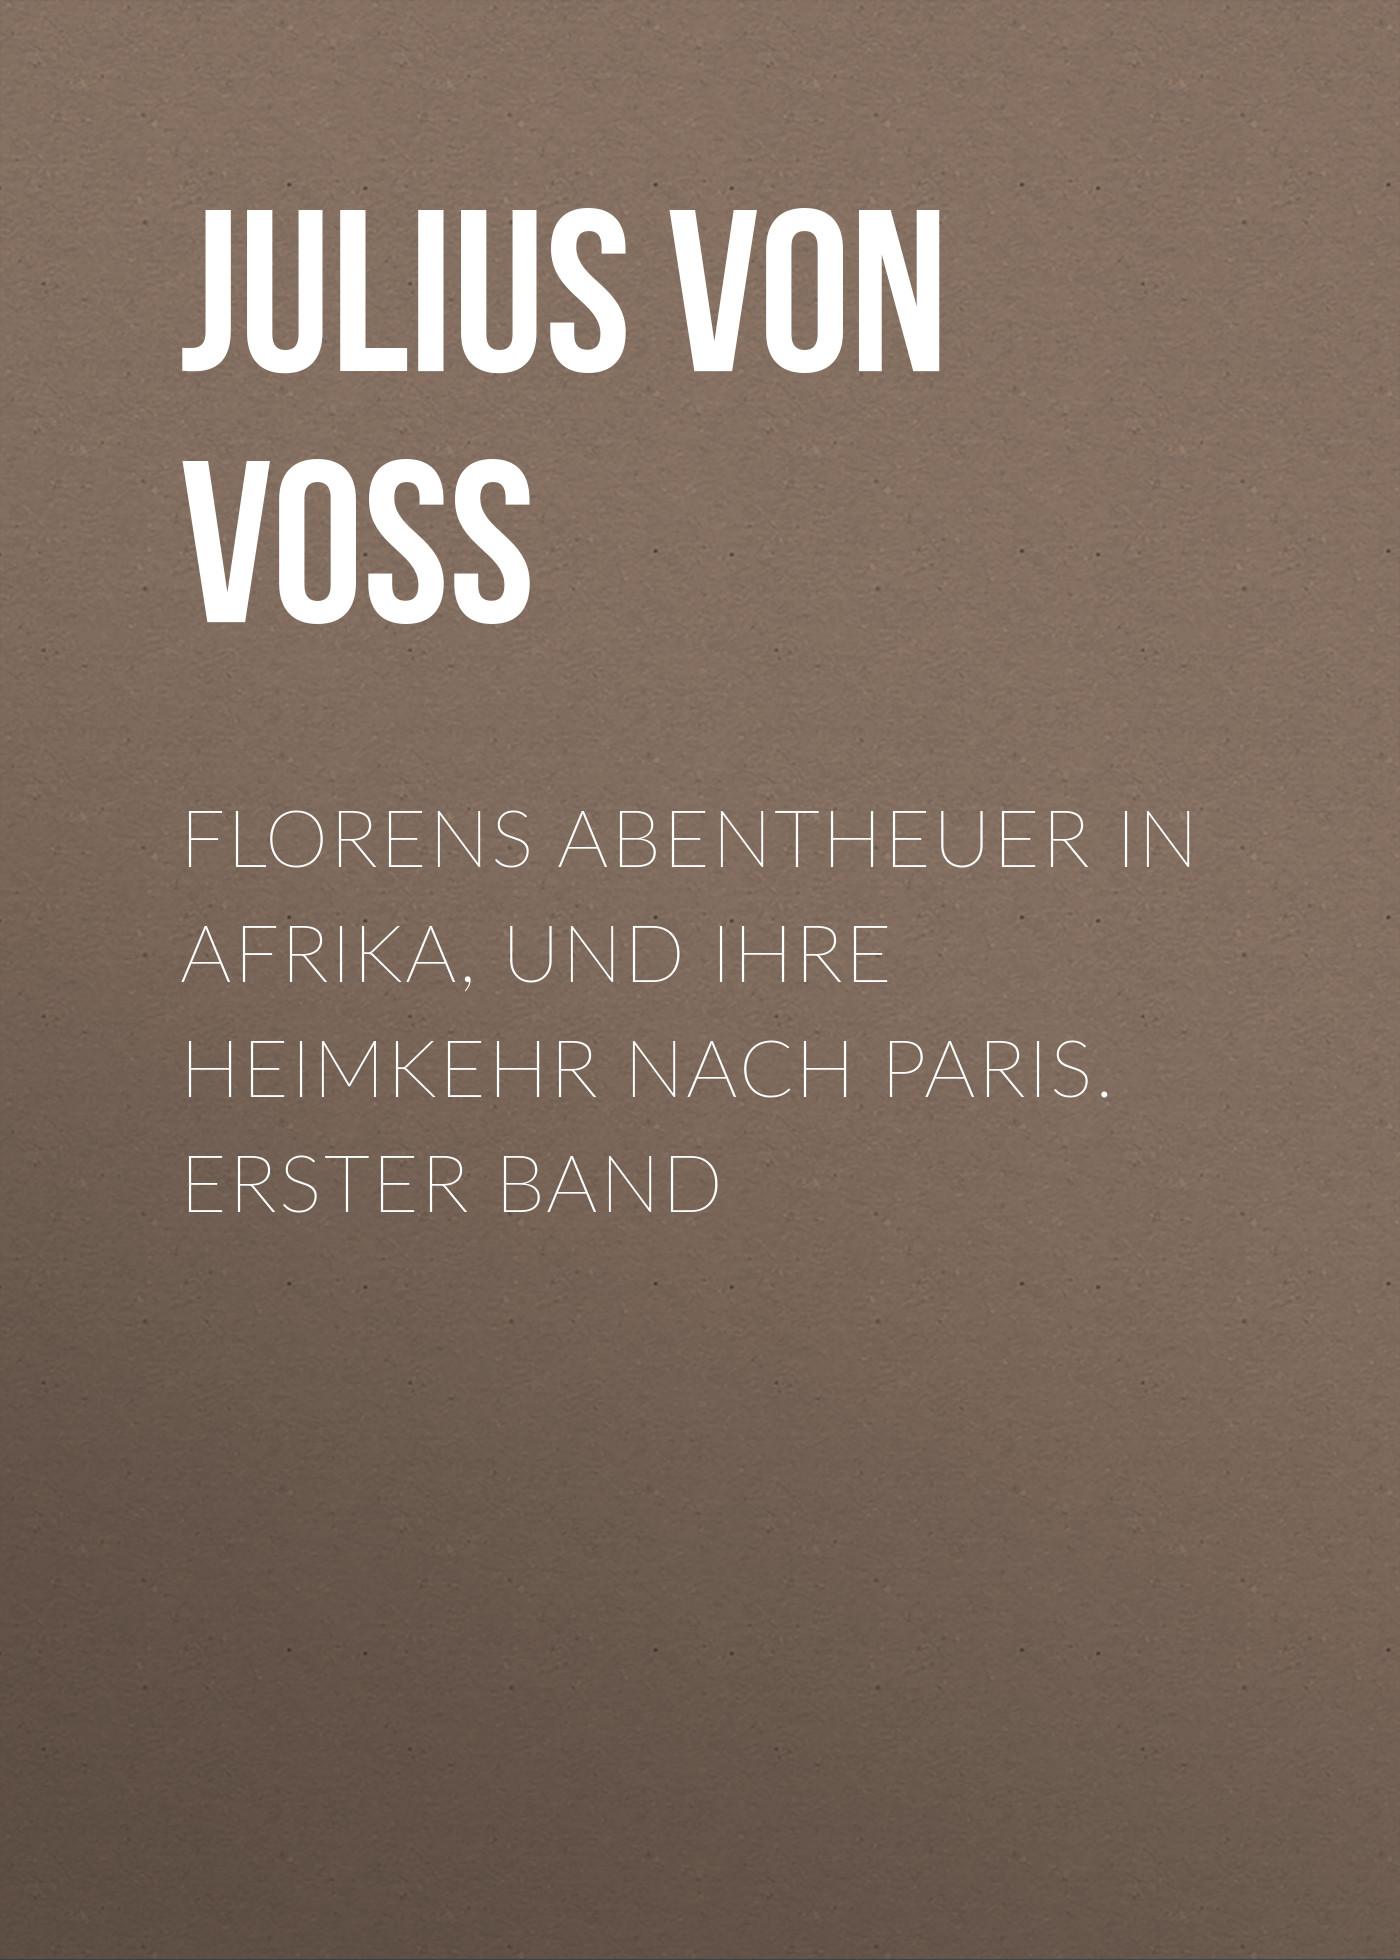 все цены на Julius von Voss Florens Abentheuer in Afrika, und ihre Heimkehr nach Paris. Erster Band